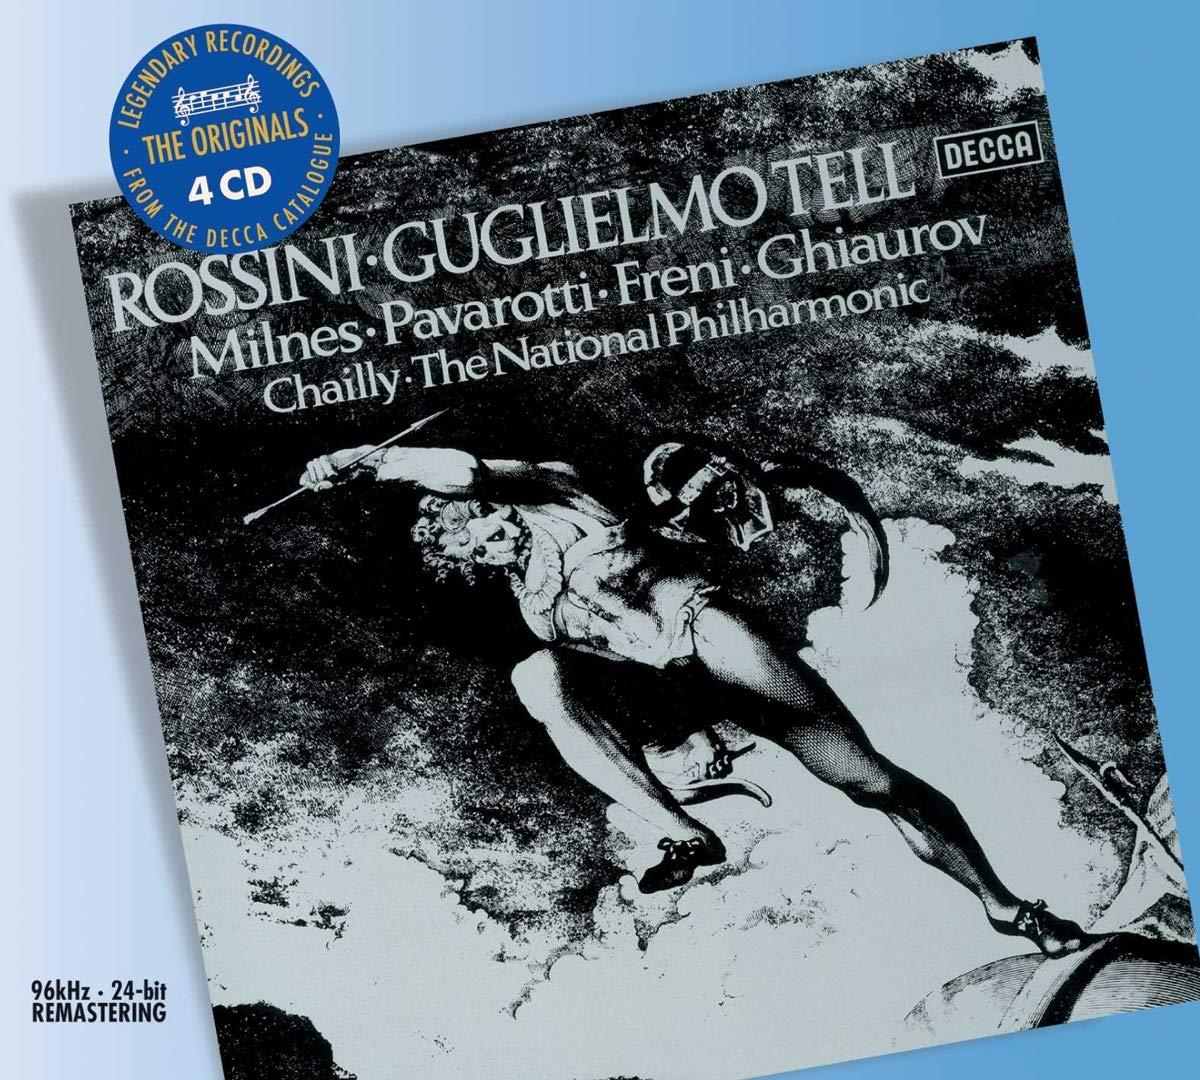 Rossini: Guillermo Tell